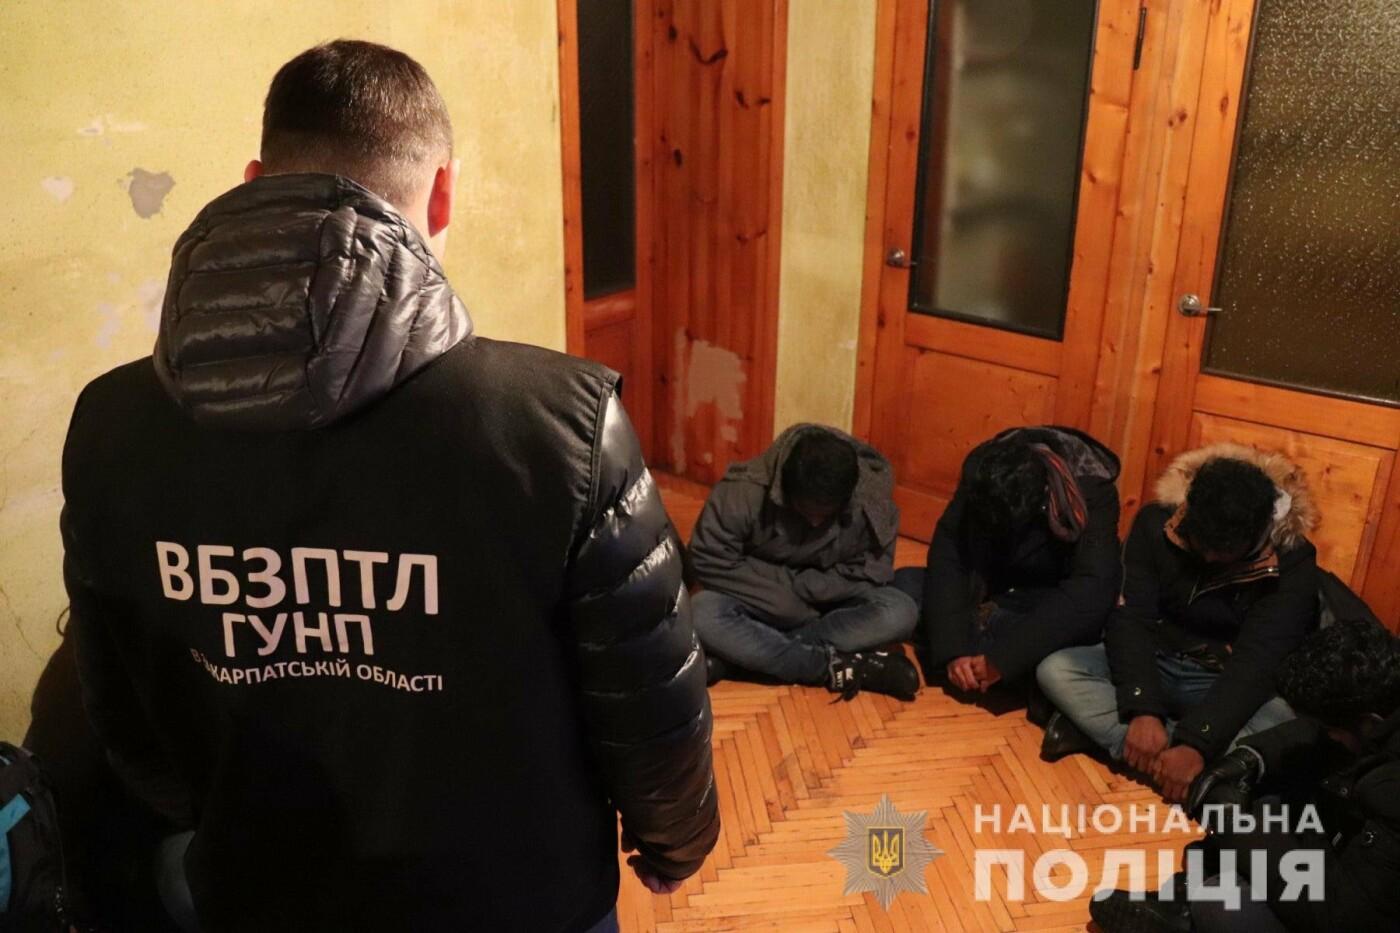 У приватному будинку на Закарпатті виявили 6 нелегалів (ФОТО, ВІДЕО), фото-1